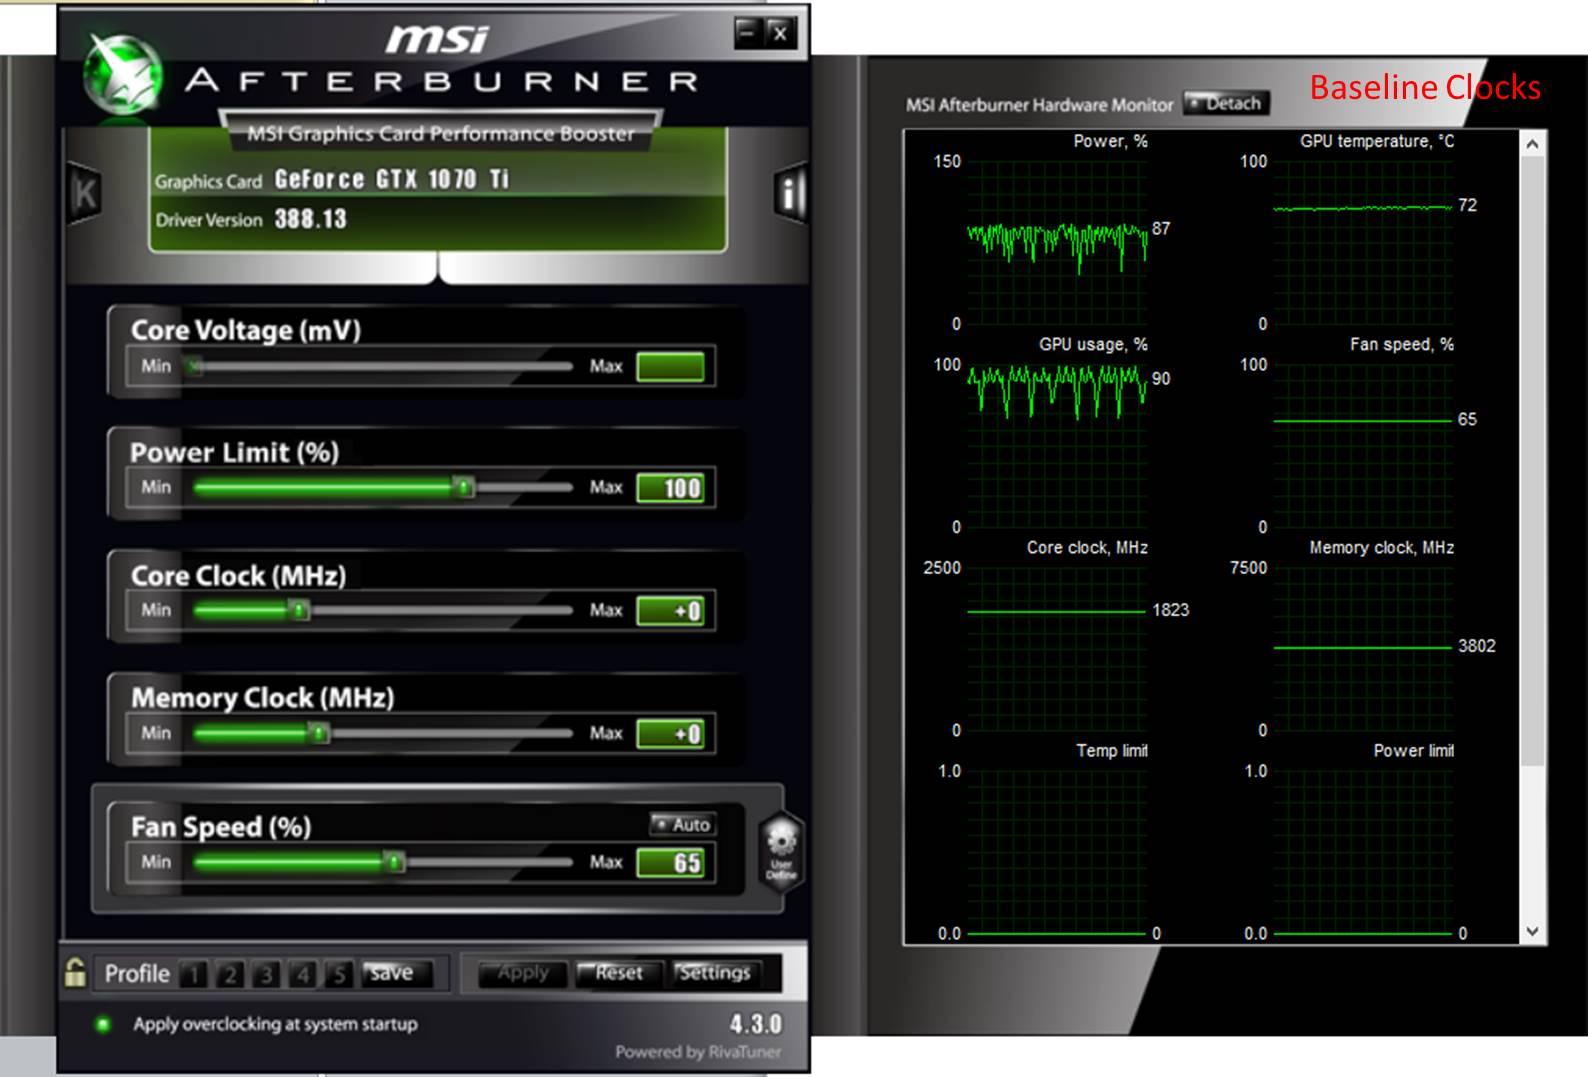 Nvidia 1070 TI Baseline Clocks